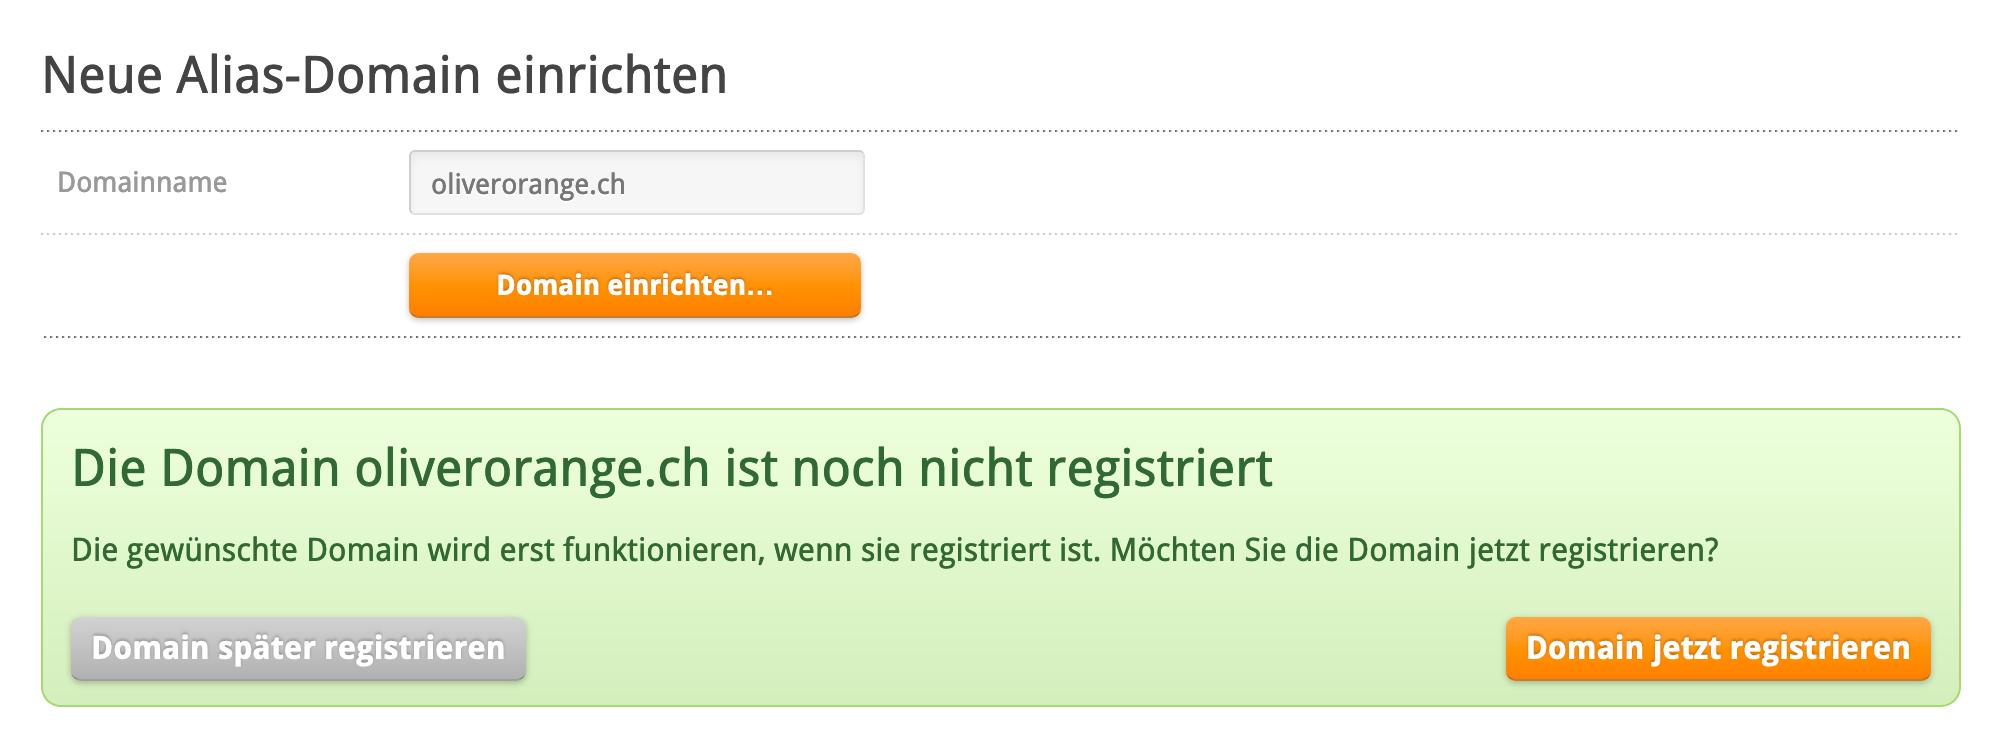 Domain registrieren oder einrichten